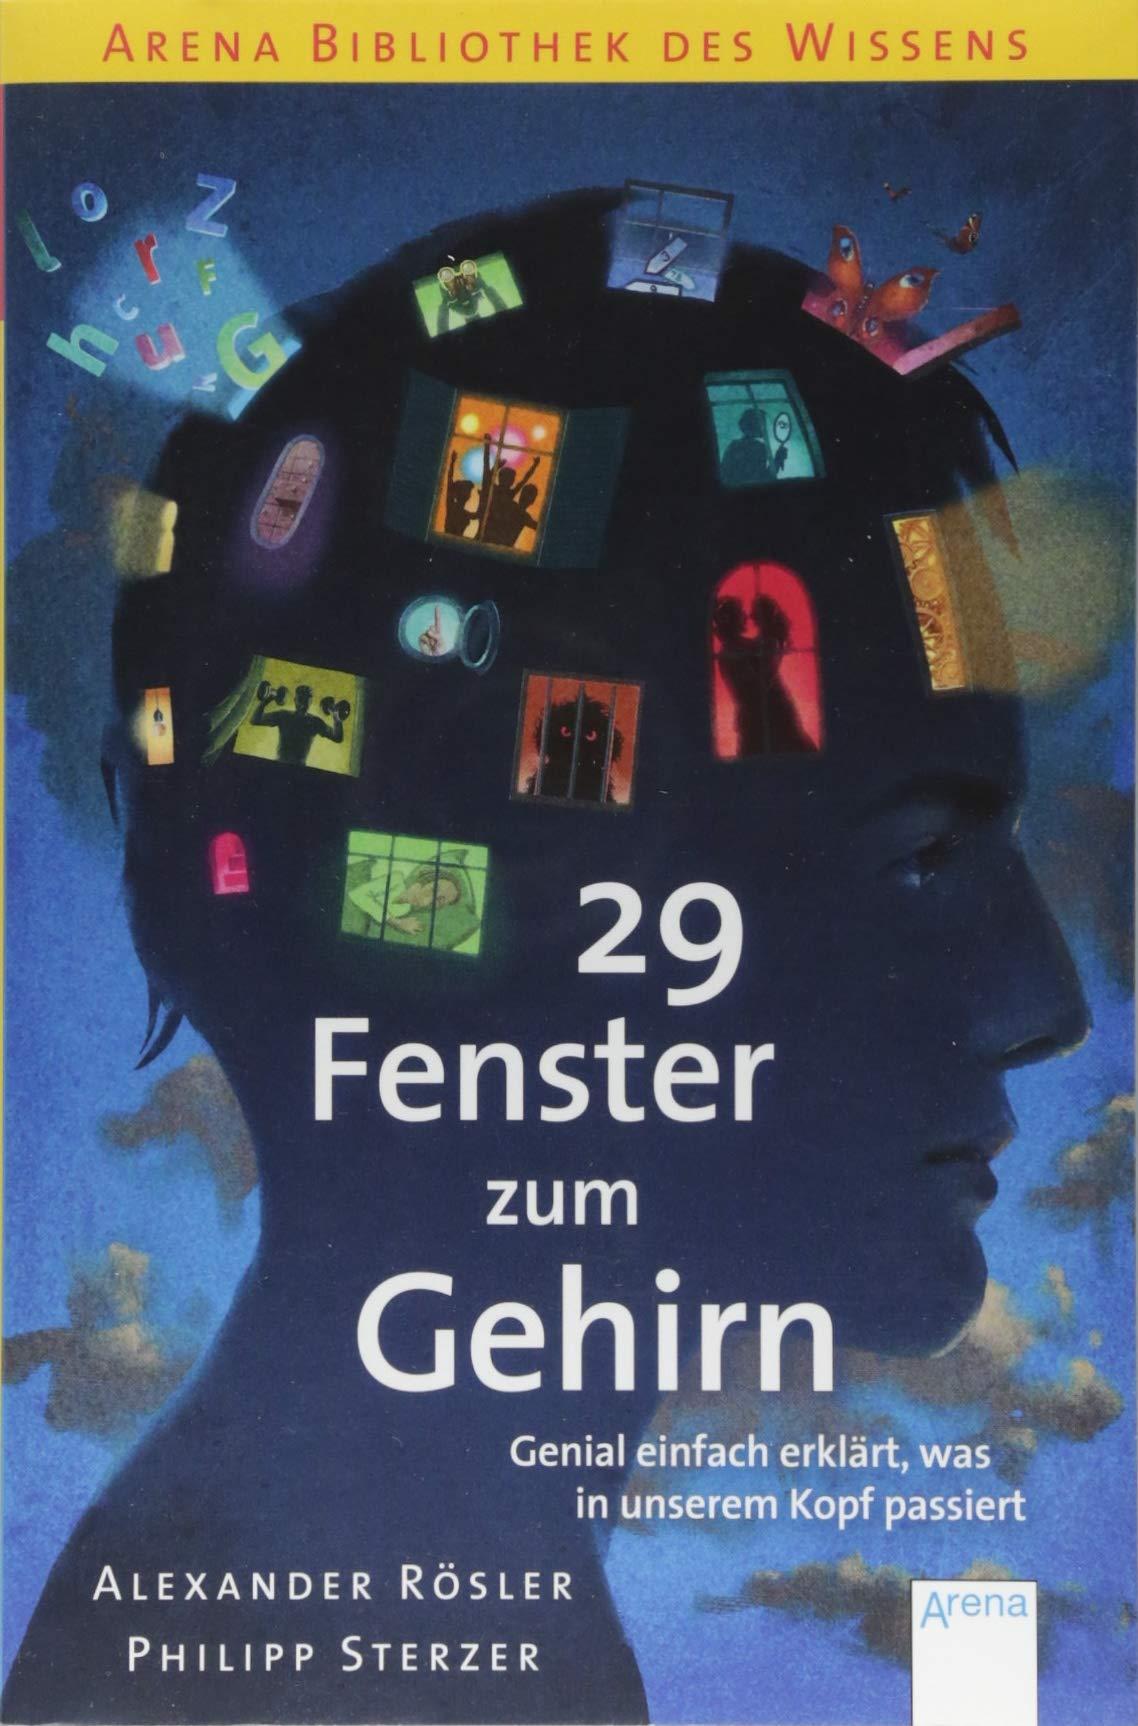 29 Fenster zum Gehirn. Genial einfach erklärt, was in unserem Kopf passiert: Arena Bibliothek des Wissens